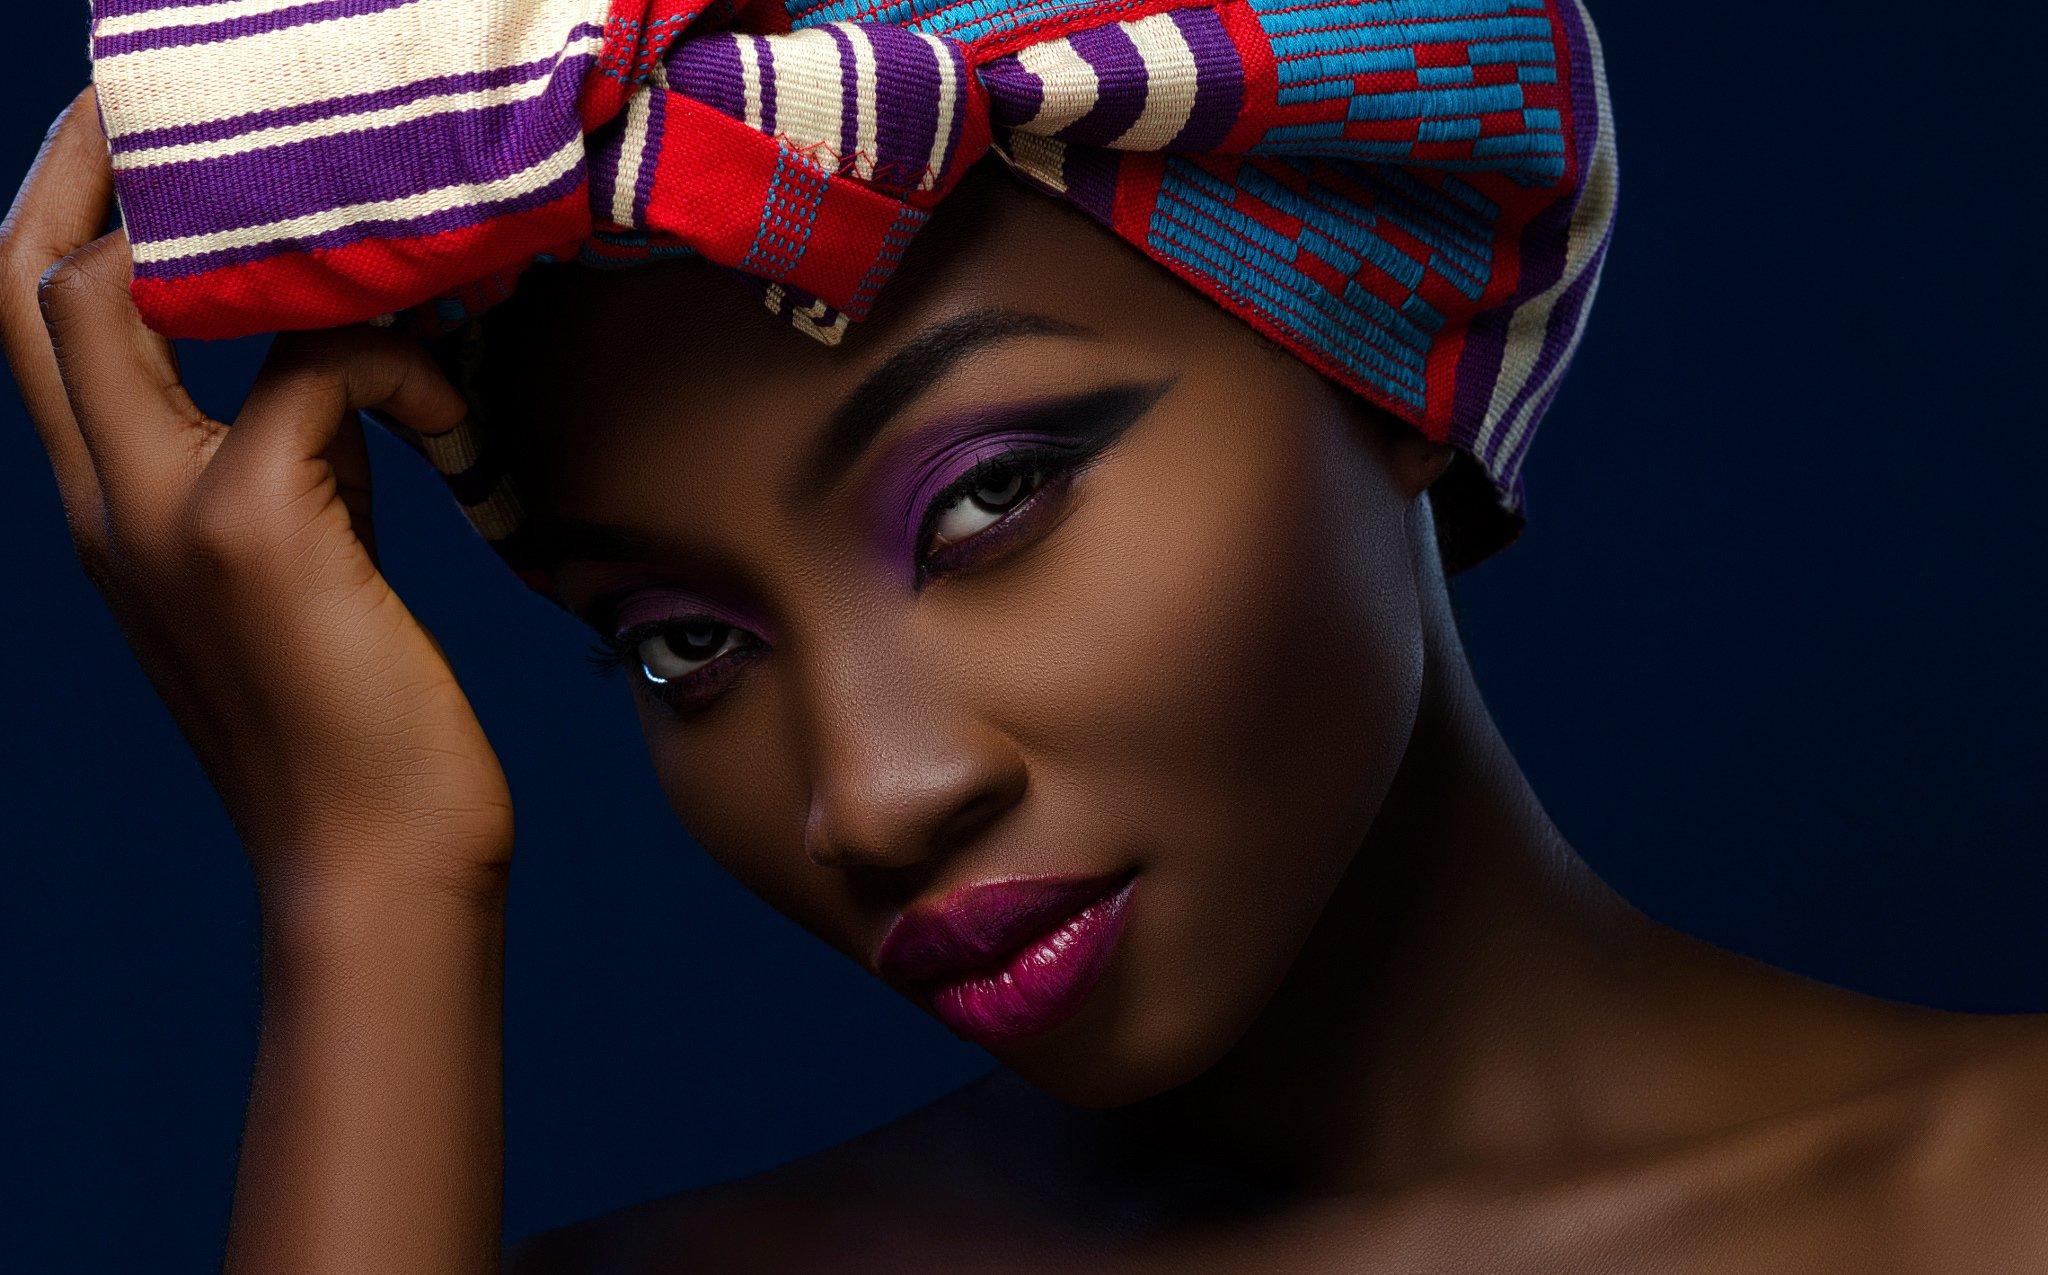 Самые черные африканки, Негритянки секс фото 18 фотография